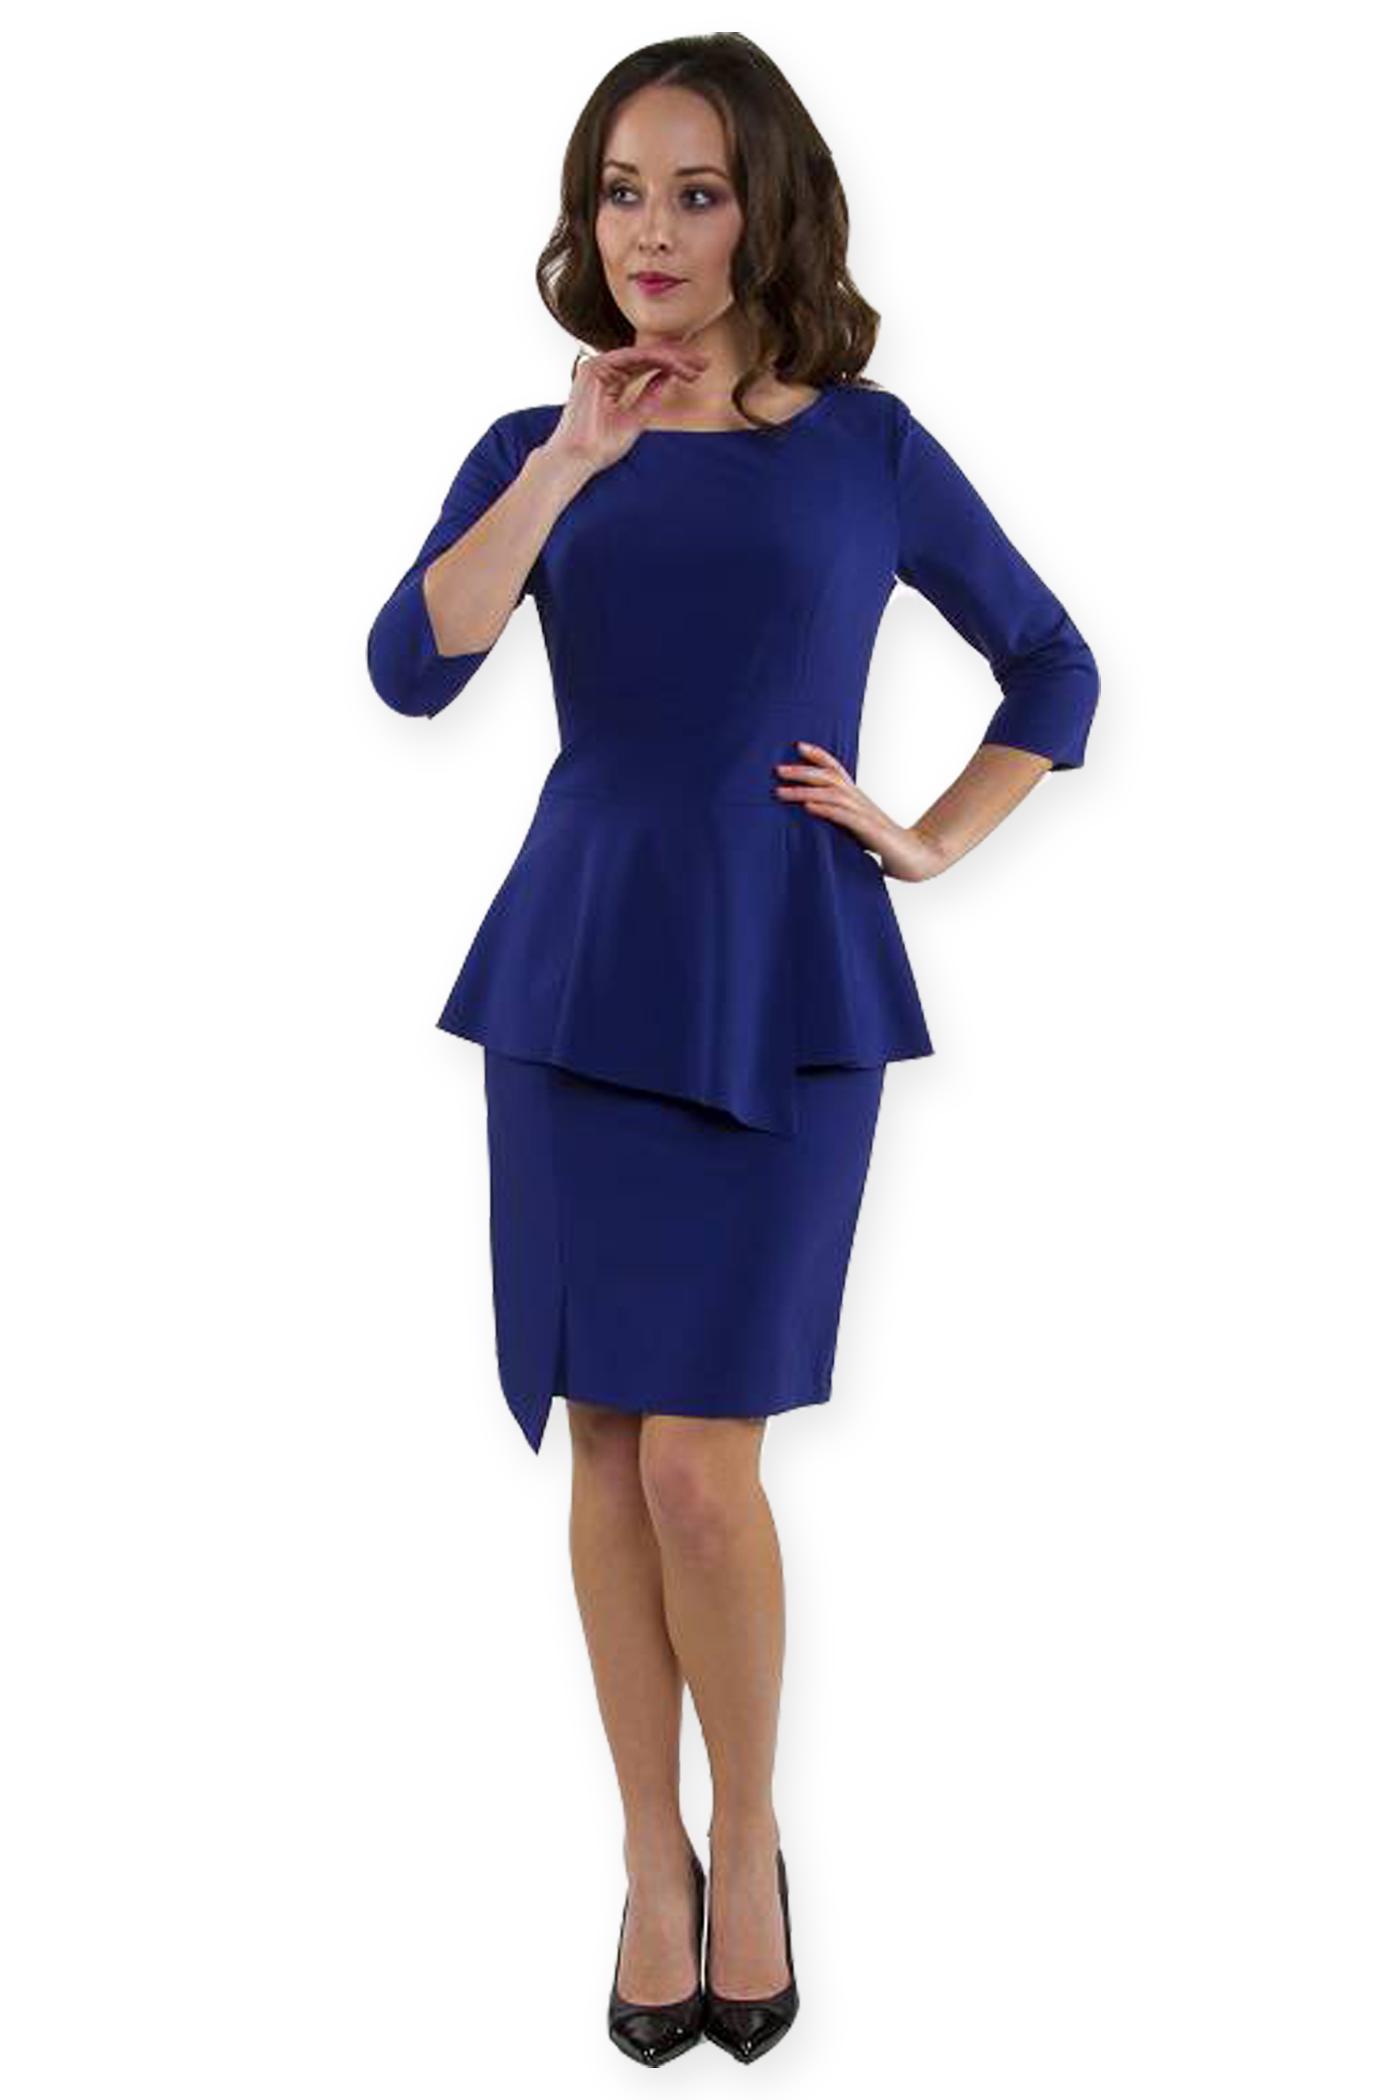 f08c437c13 Sukienka elegancka baskinka chabrowa 54 - 6923763515 - oficjalne ...